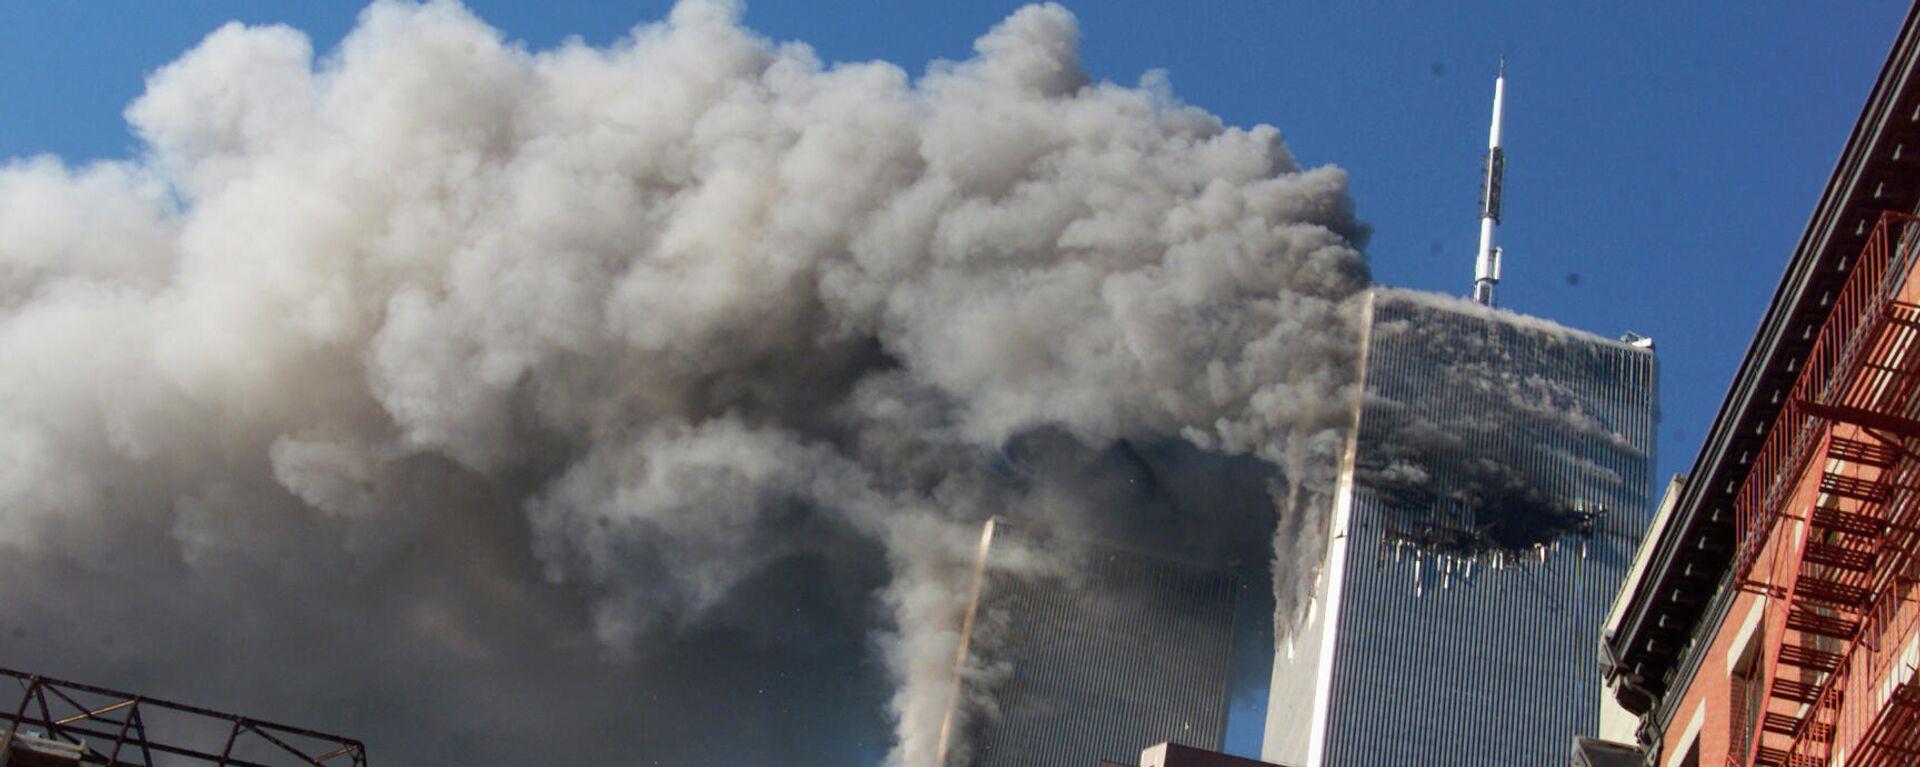 El atentado del 11 de septiembre de 2001 - Sputnik Mundo, 1920, 28.04.2021